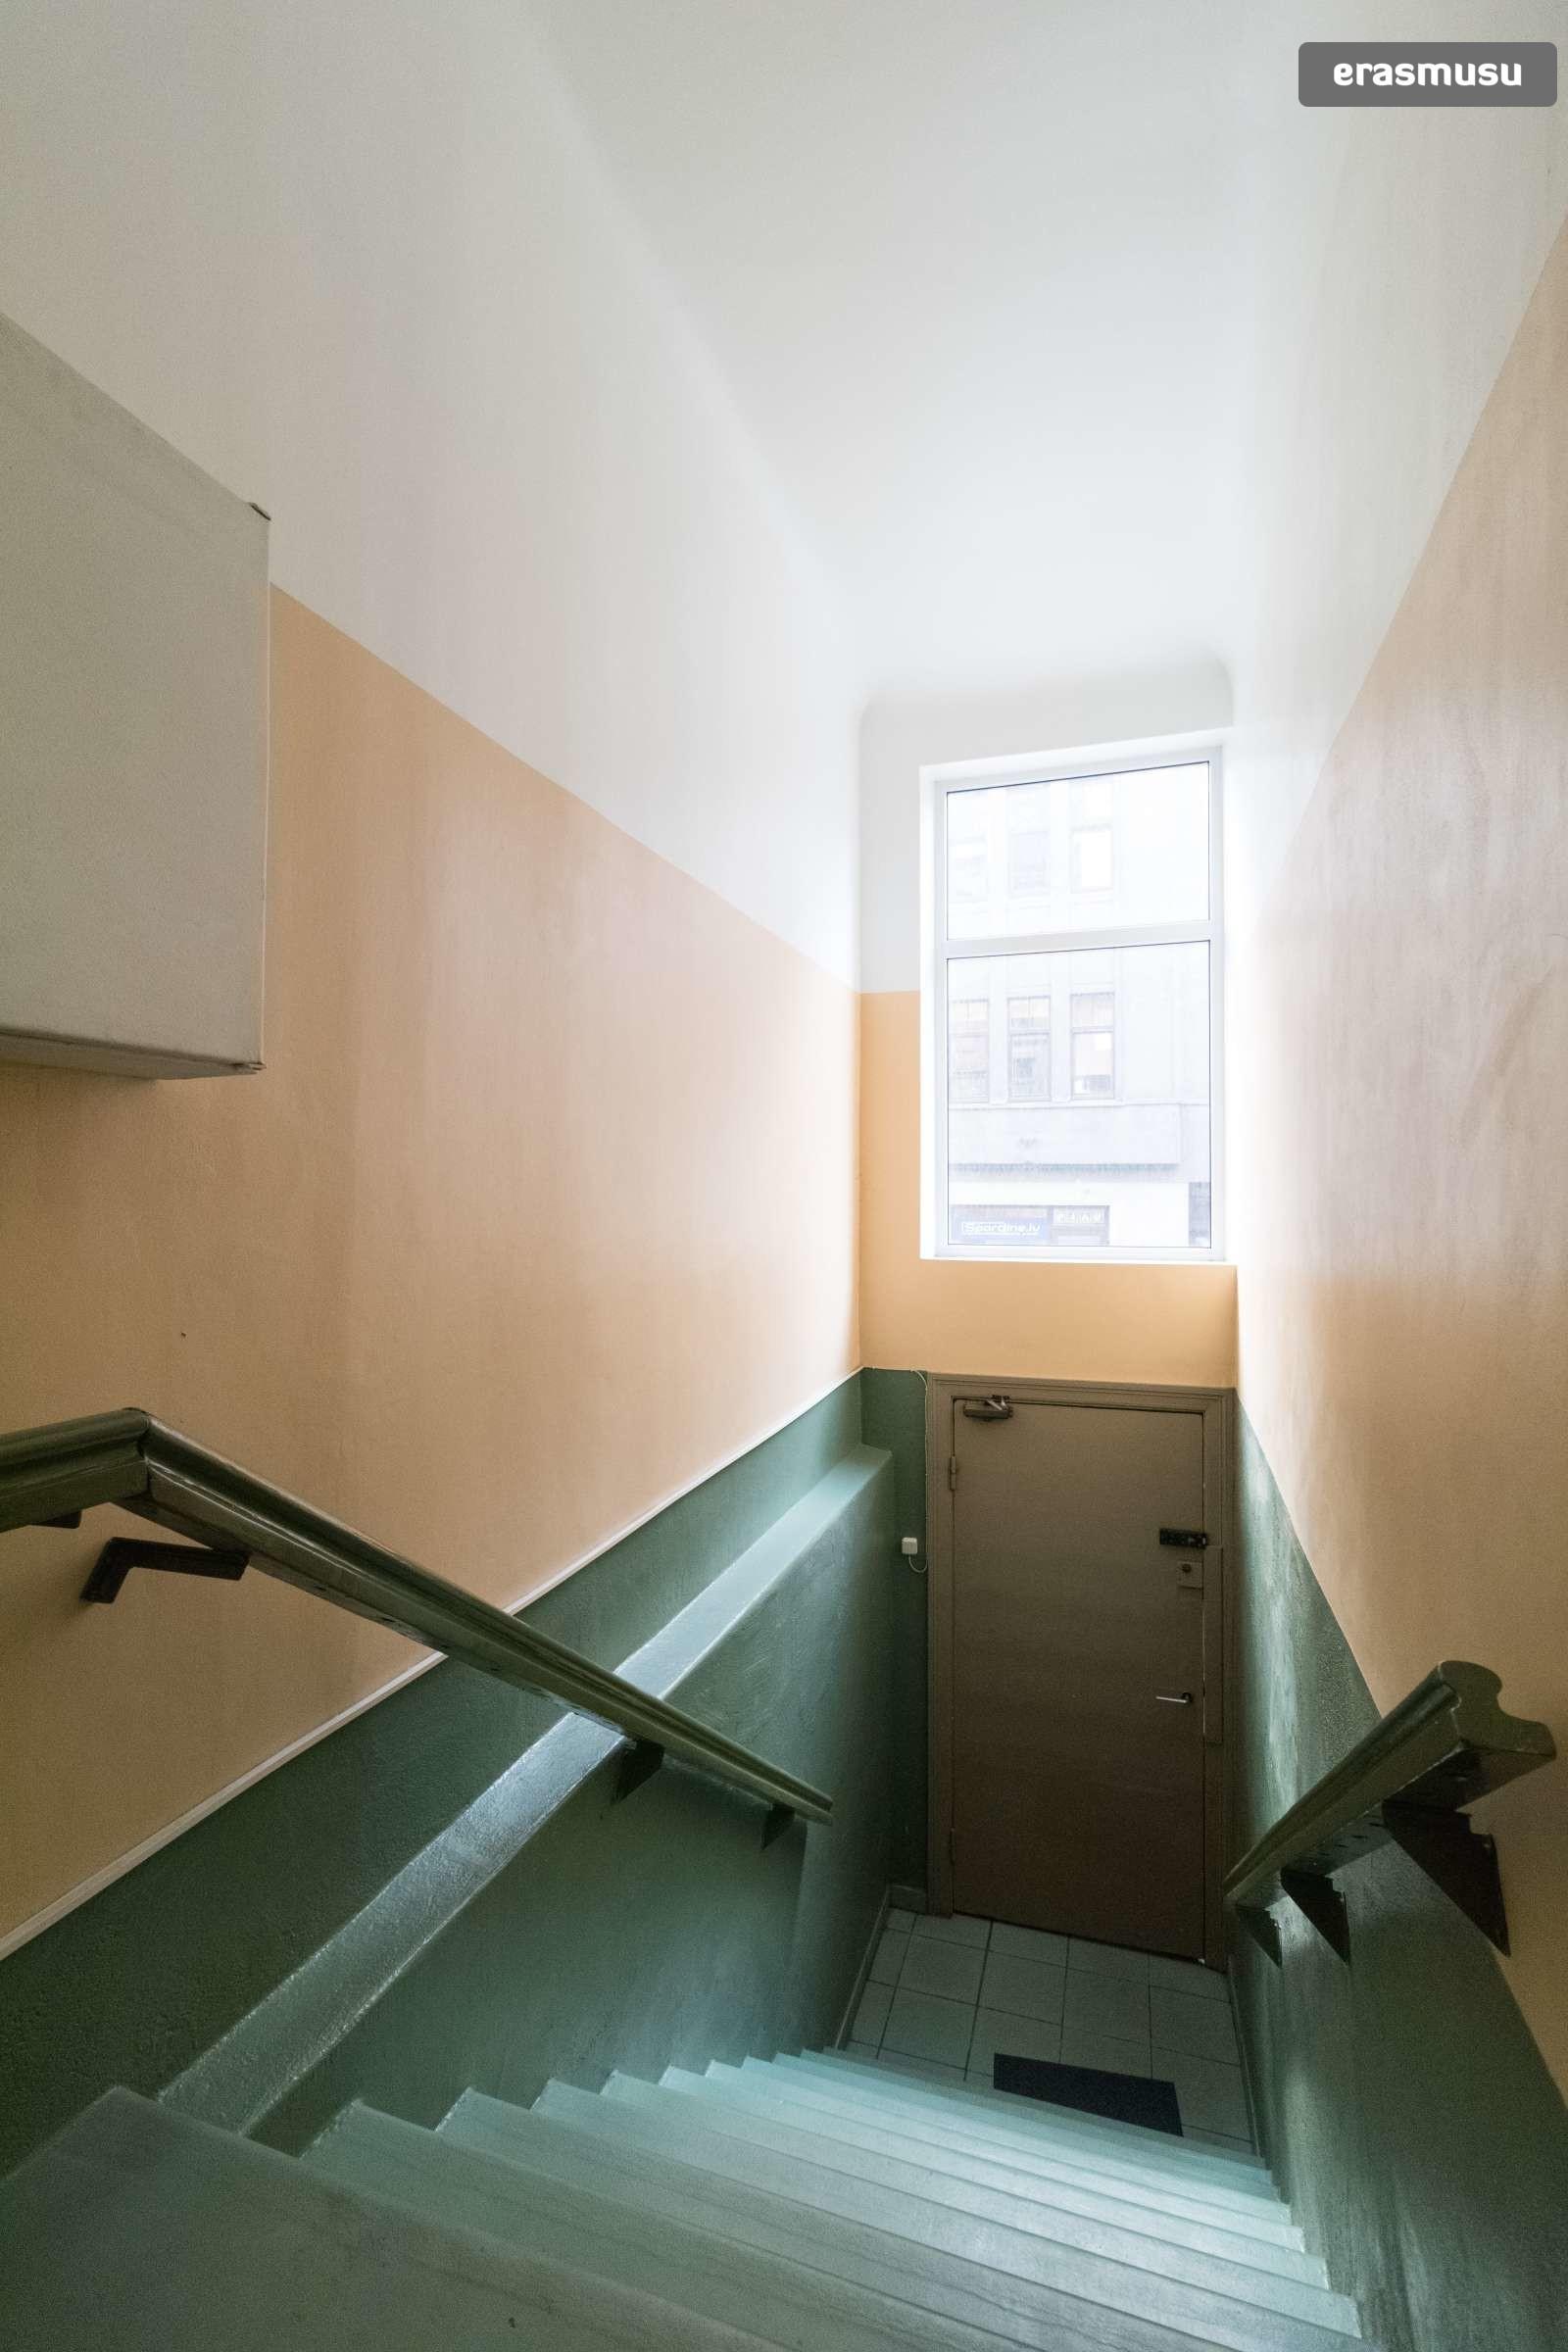 spacious-3-bedroom-apartment-rent-avoti-cd627da186c58209d35c6a8d